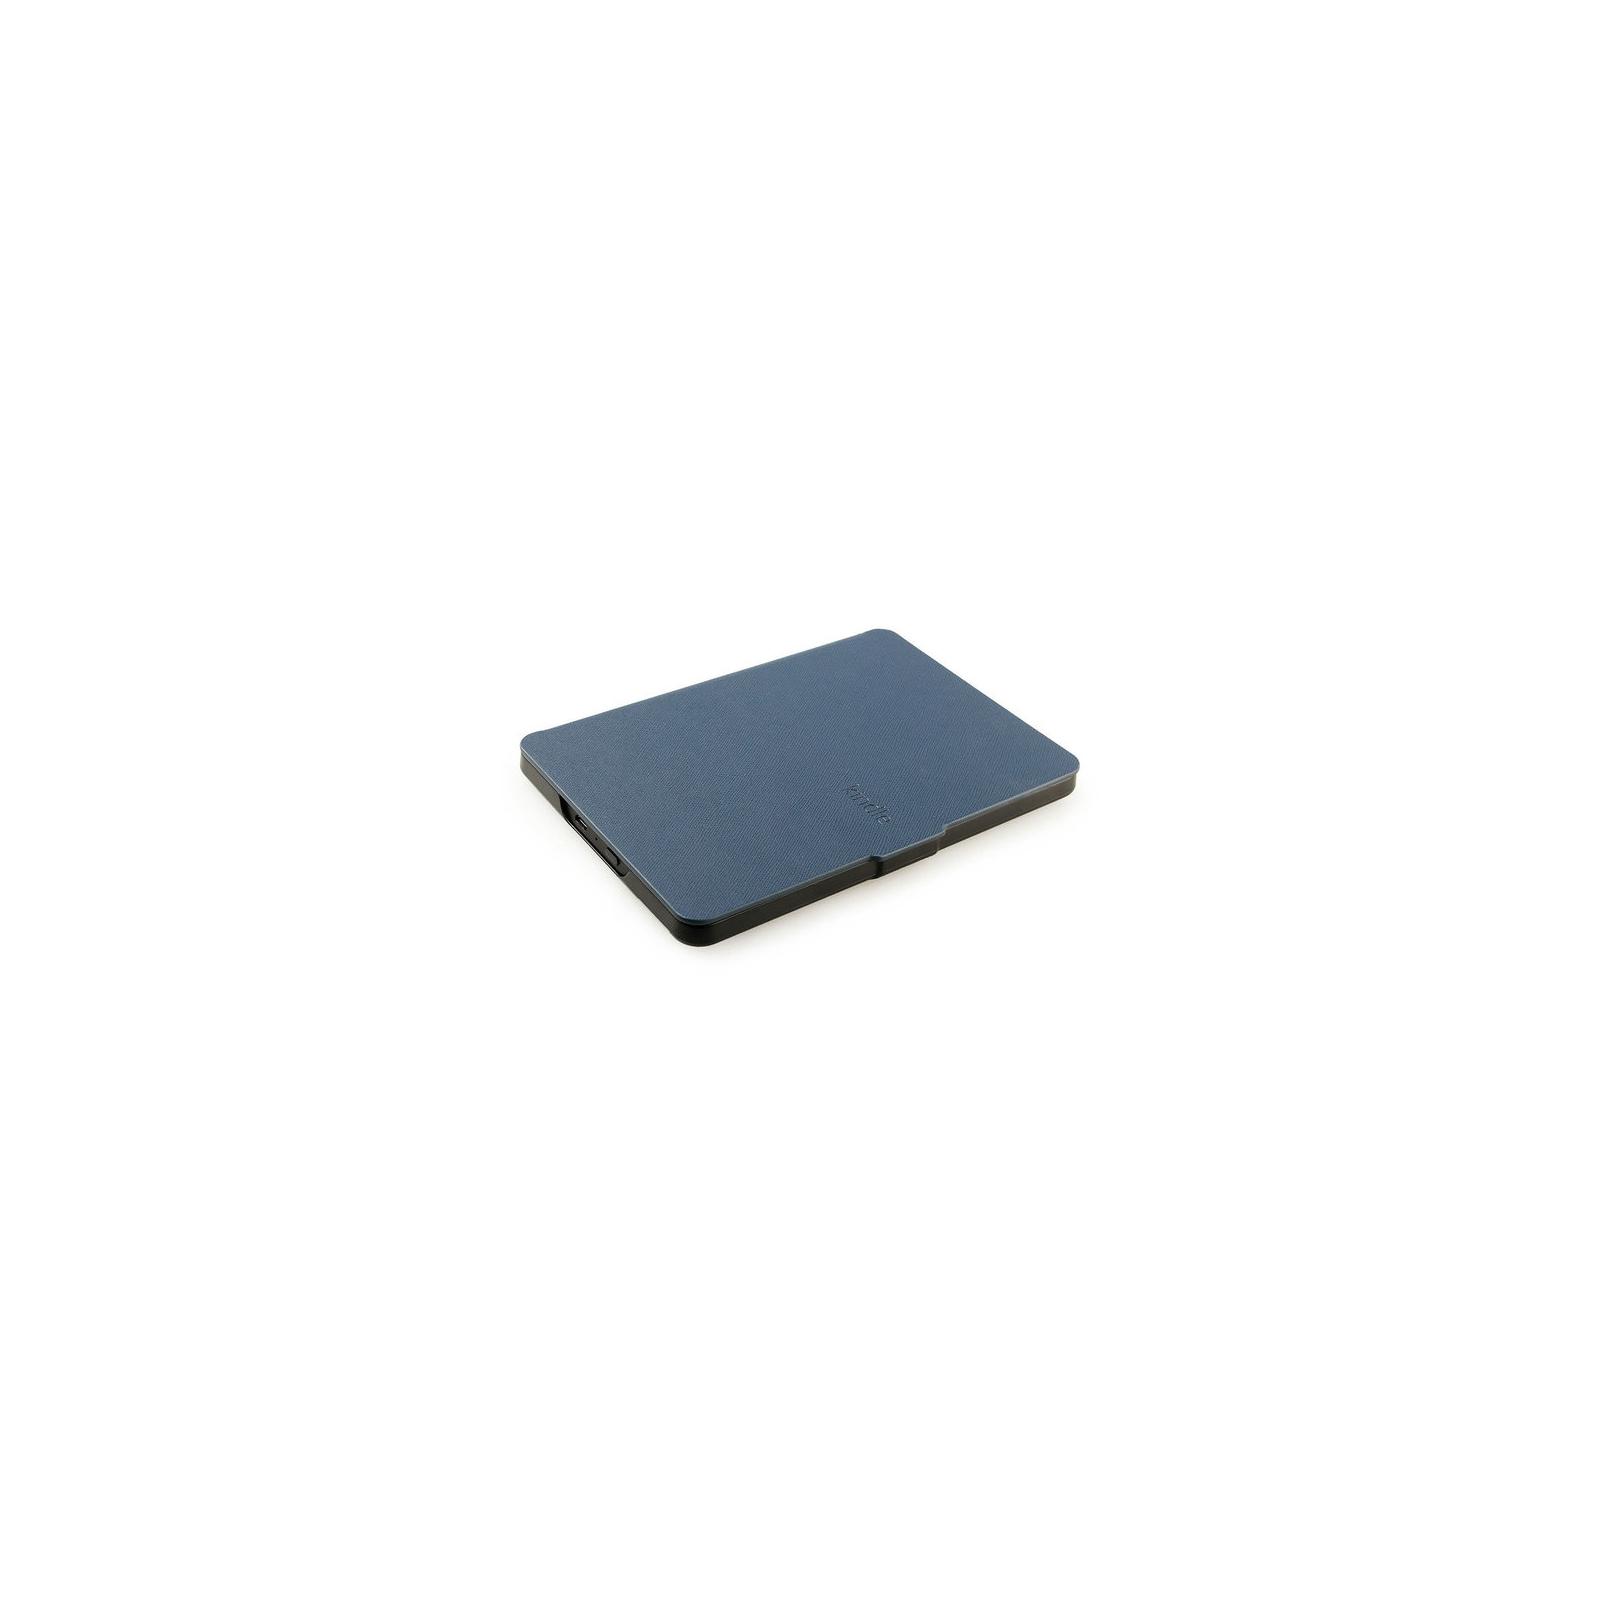 Чехол для электронной книги AirOn для Amazon Kindle 6 blue (4822356754493) изображение 4